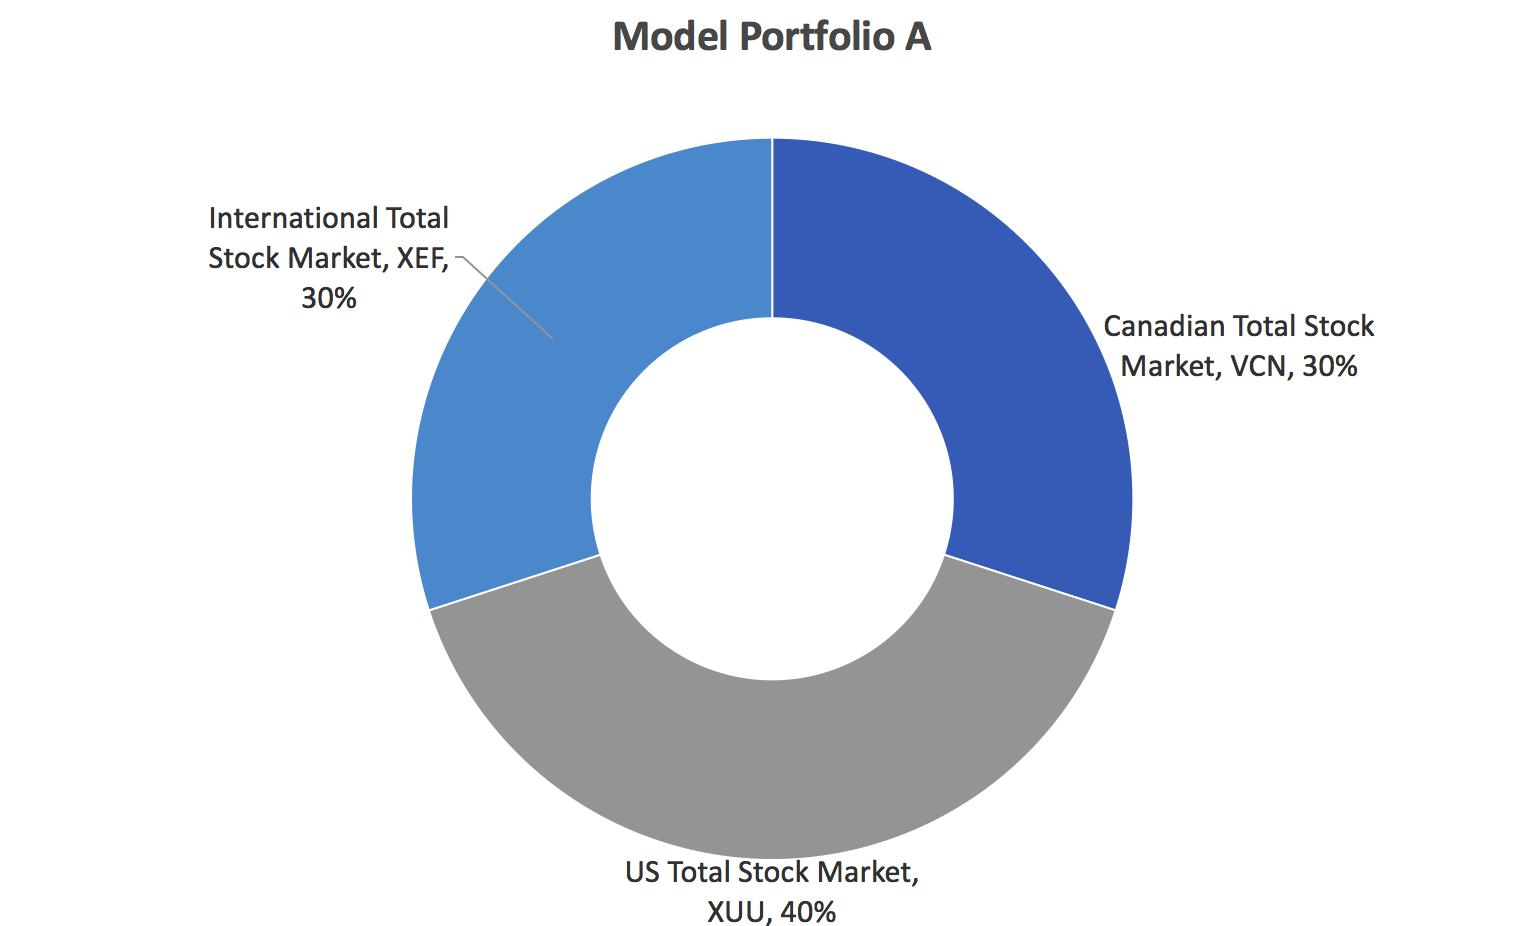 index-fund-model-portfolio-a